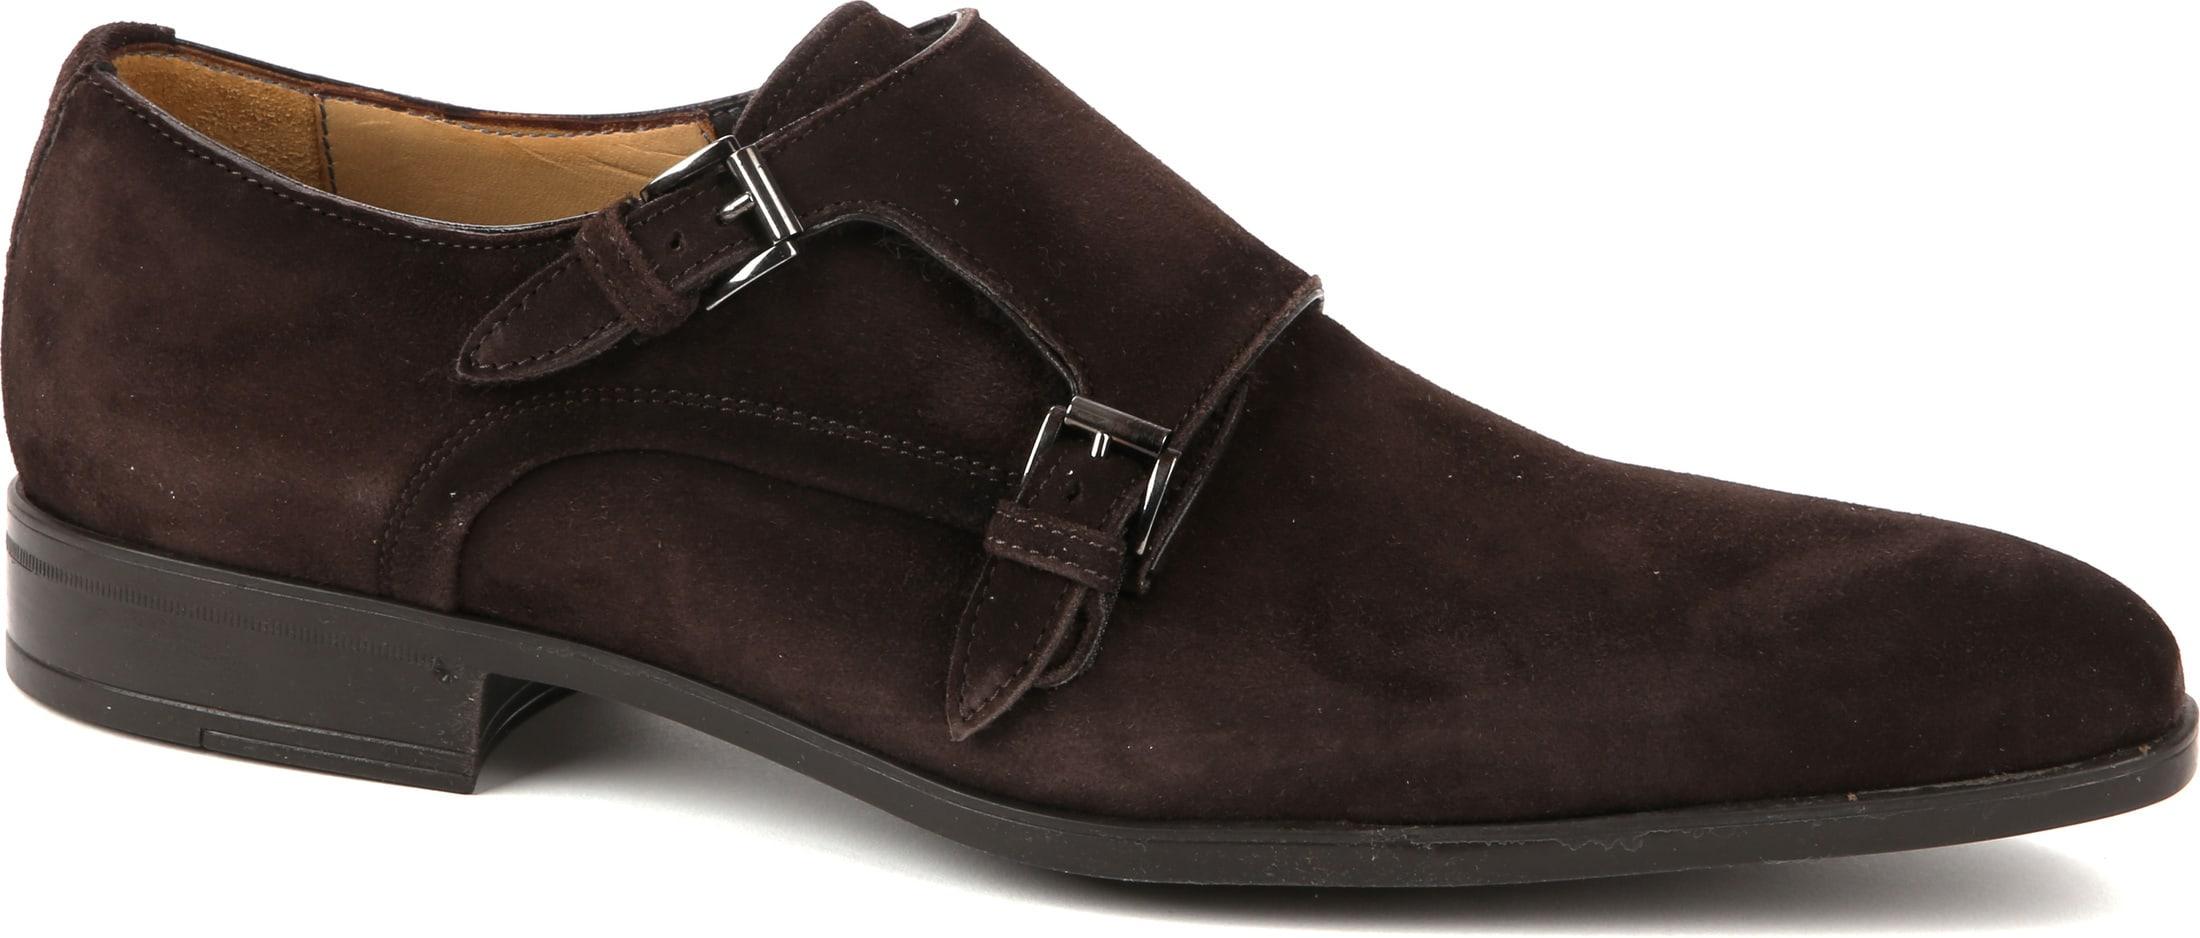 Giorgio Amalfi Shoe Monk Strap Brown Suede foto 0